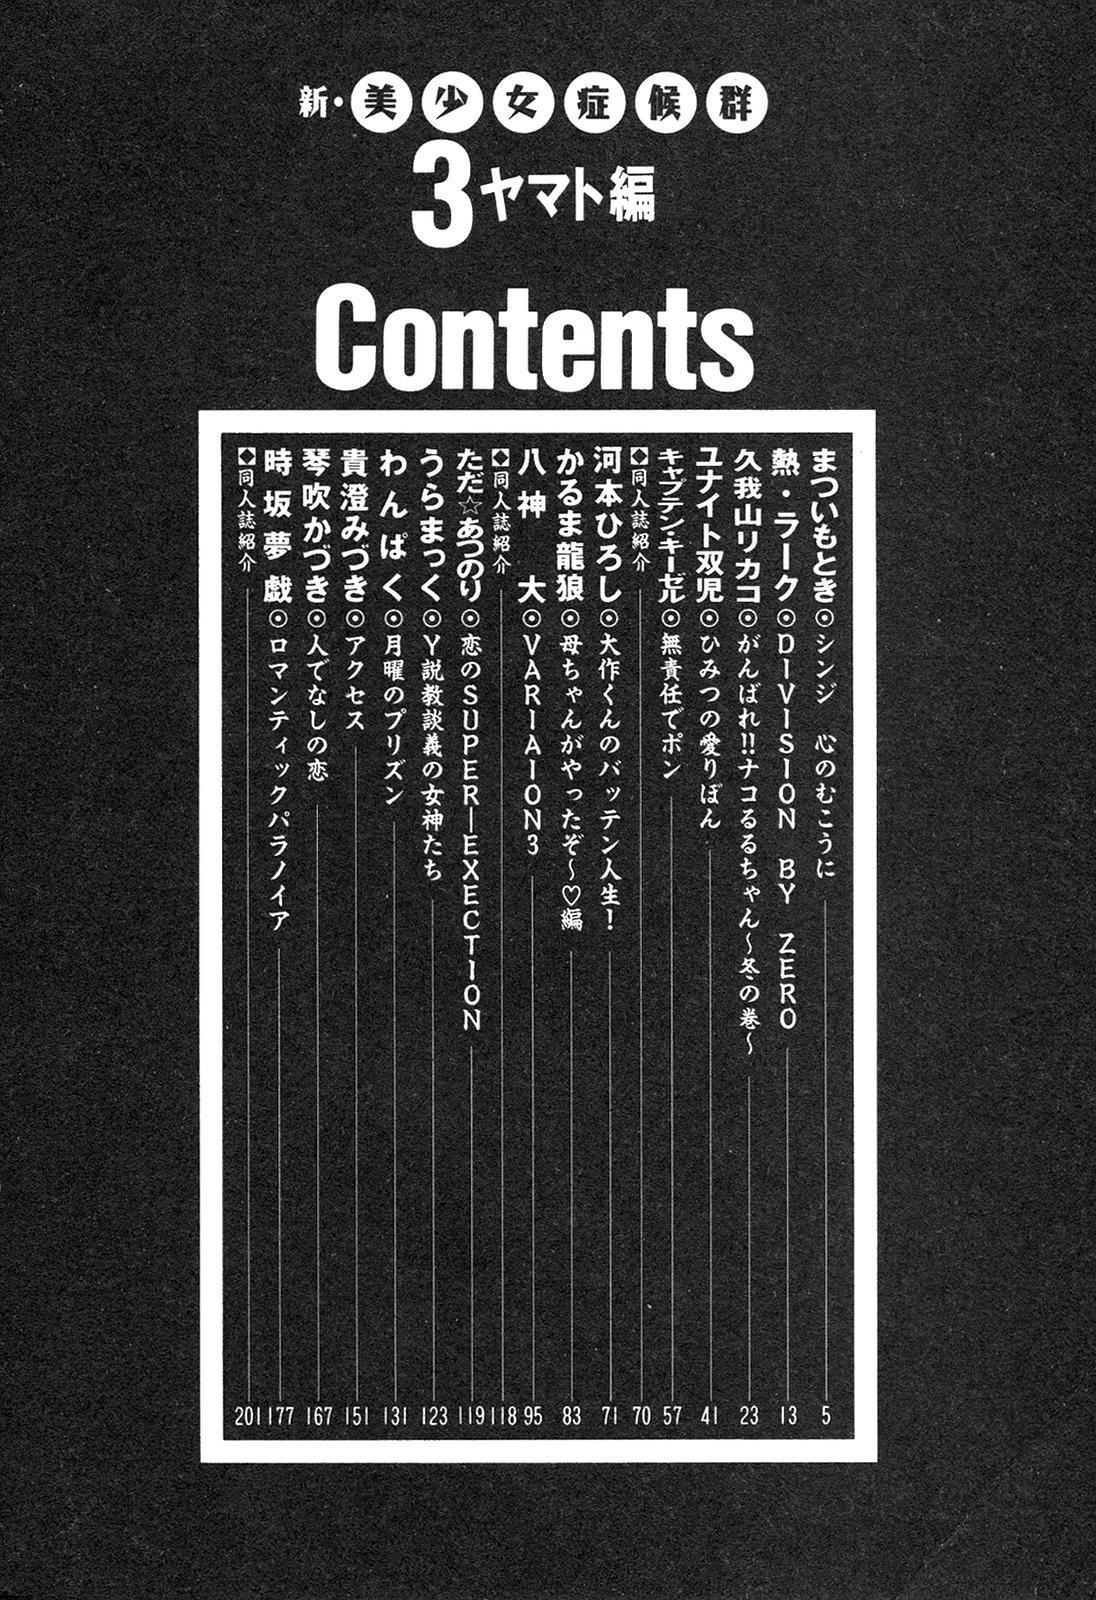 Shin Bishoujo Shoukougun 3 Yamato hen 4